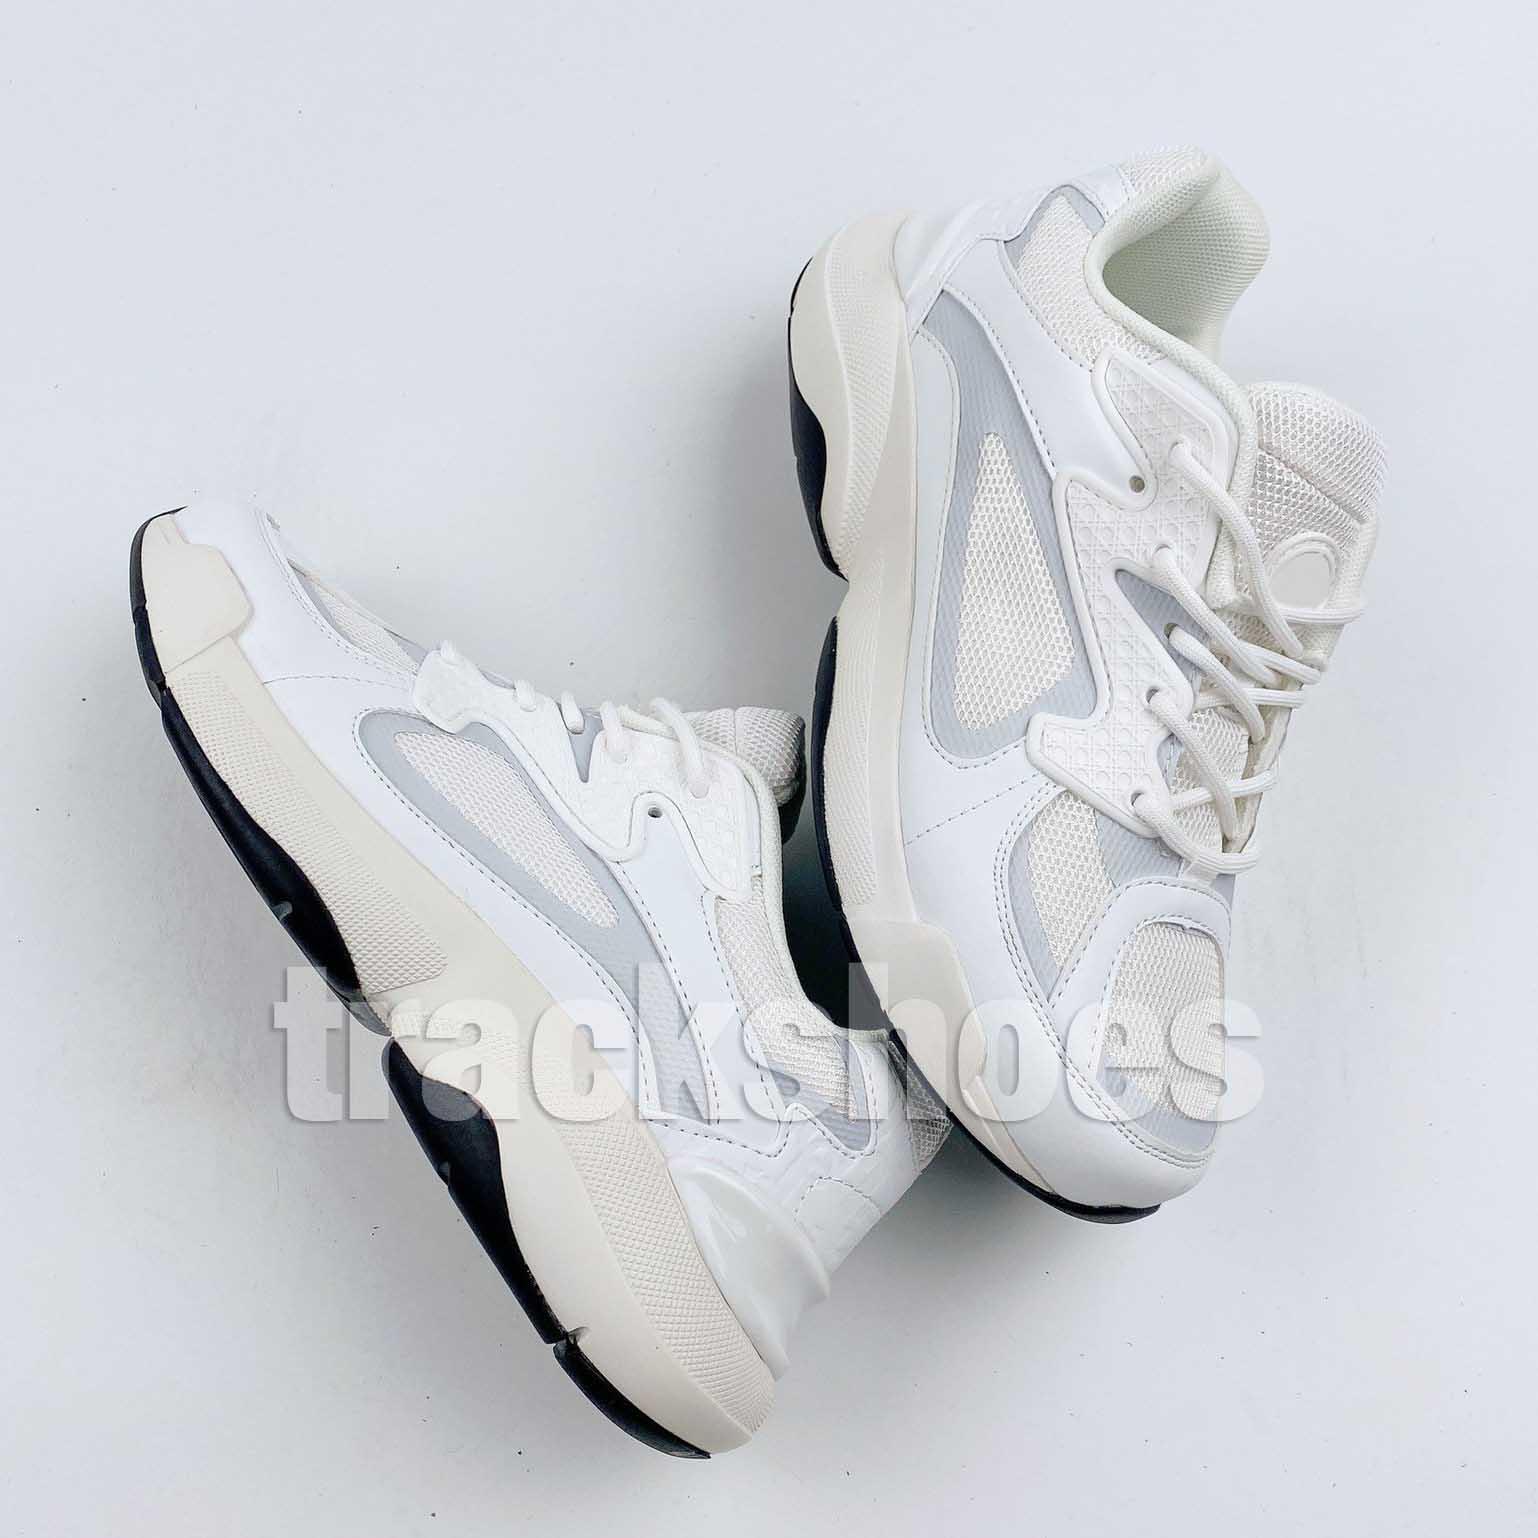 Nueva B24 Blanco Negro Gris para mujer Obliquees Flores diseñador de moda de plataforma para hombre del vintage zapatos al aire libre Triple S B24s zapatillas EUR36-45